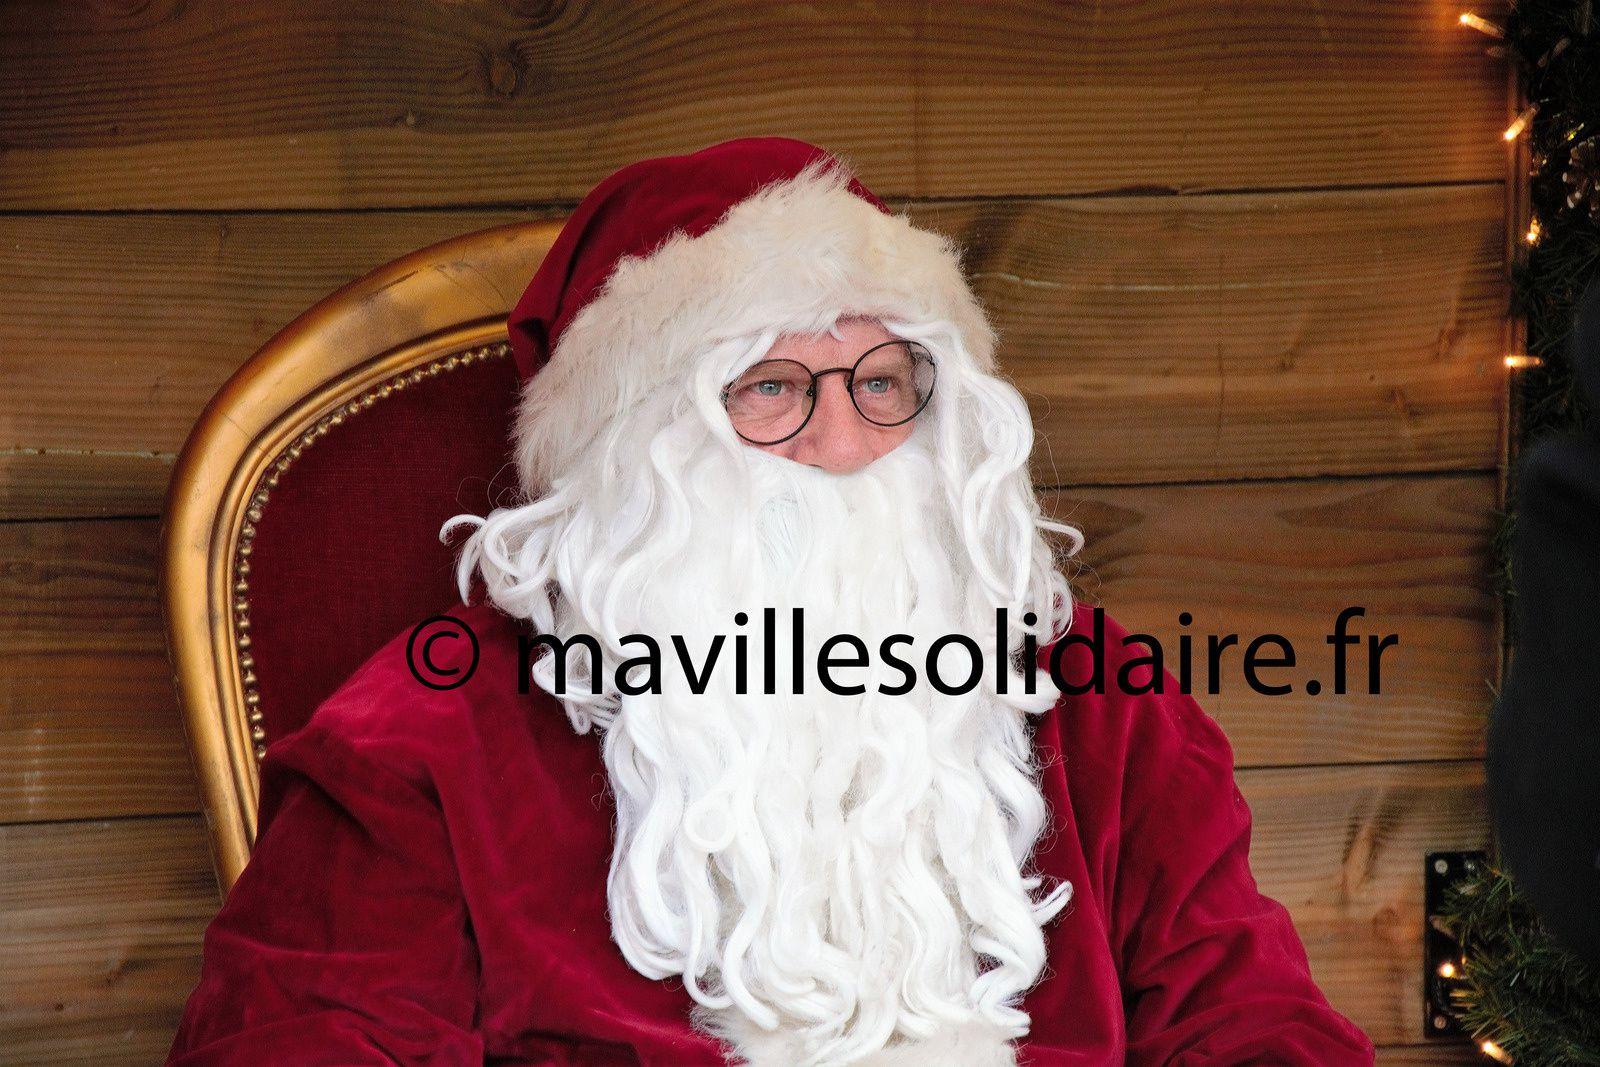 La Roche-sur-Yon. [Images] de Noël en fête de samedi.